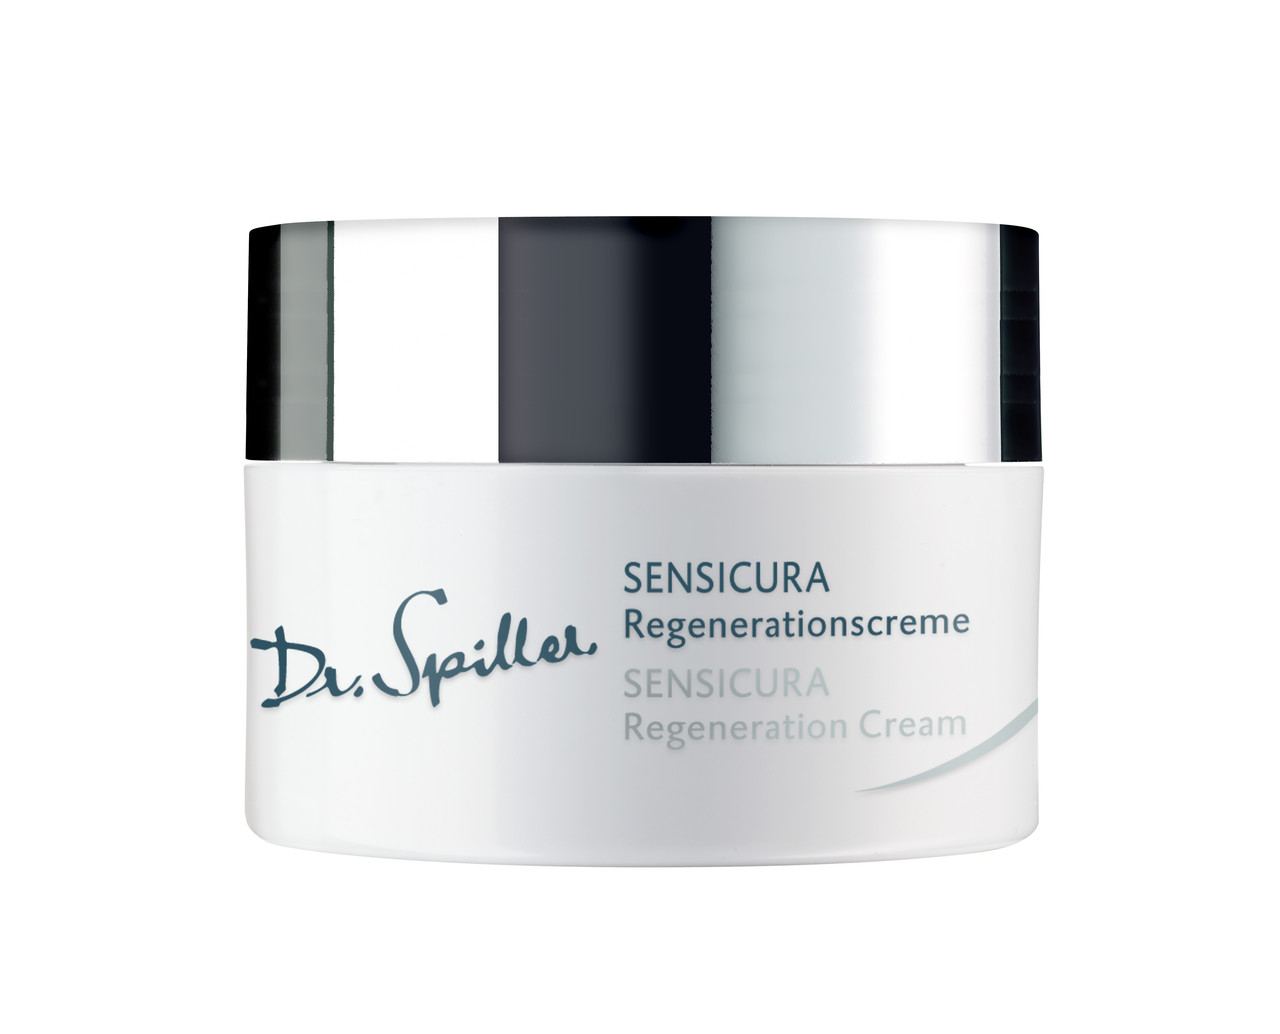 Регенерирующий крем для чувствительной кожи SENSICURA, 50 ml